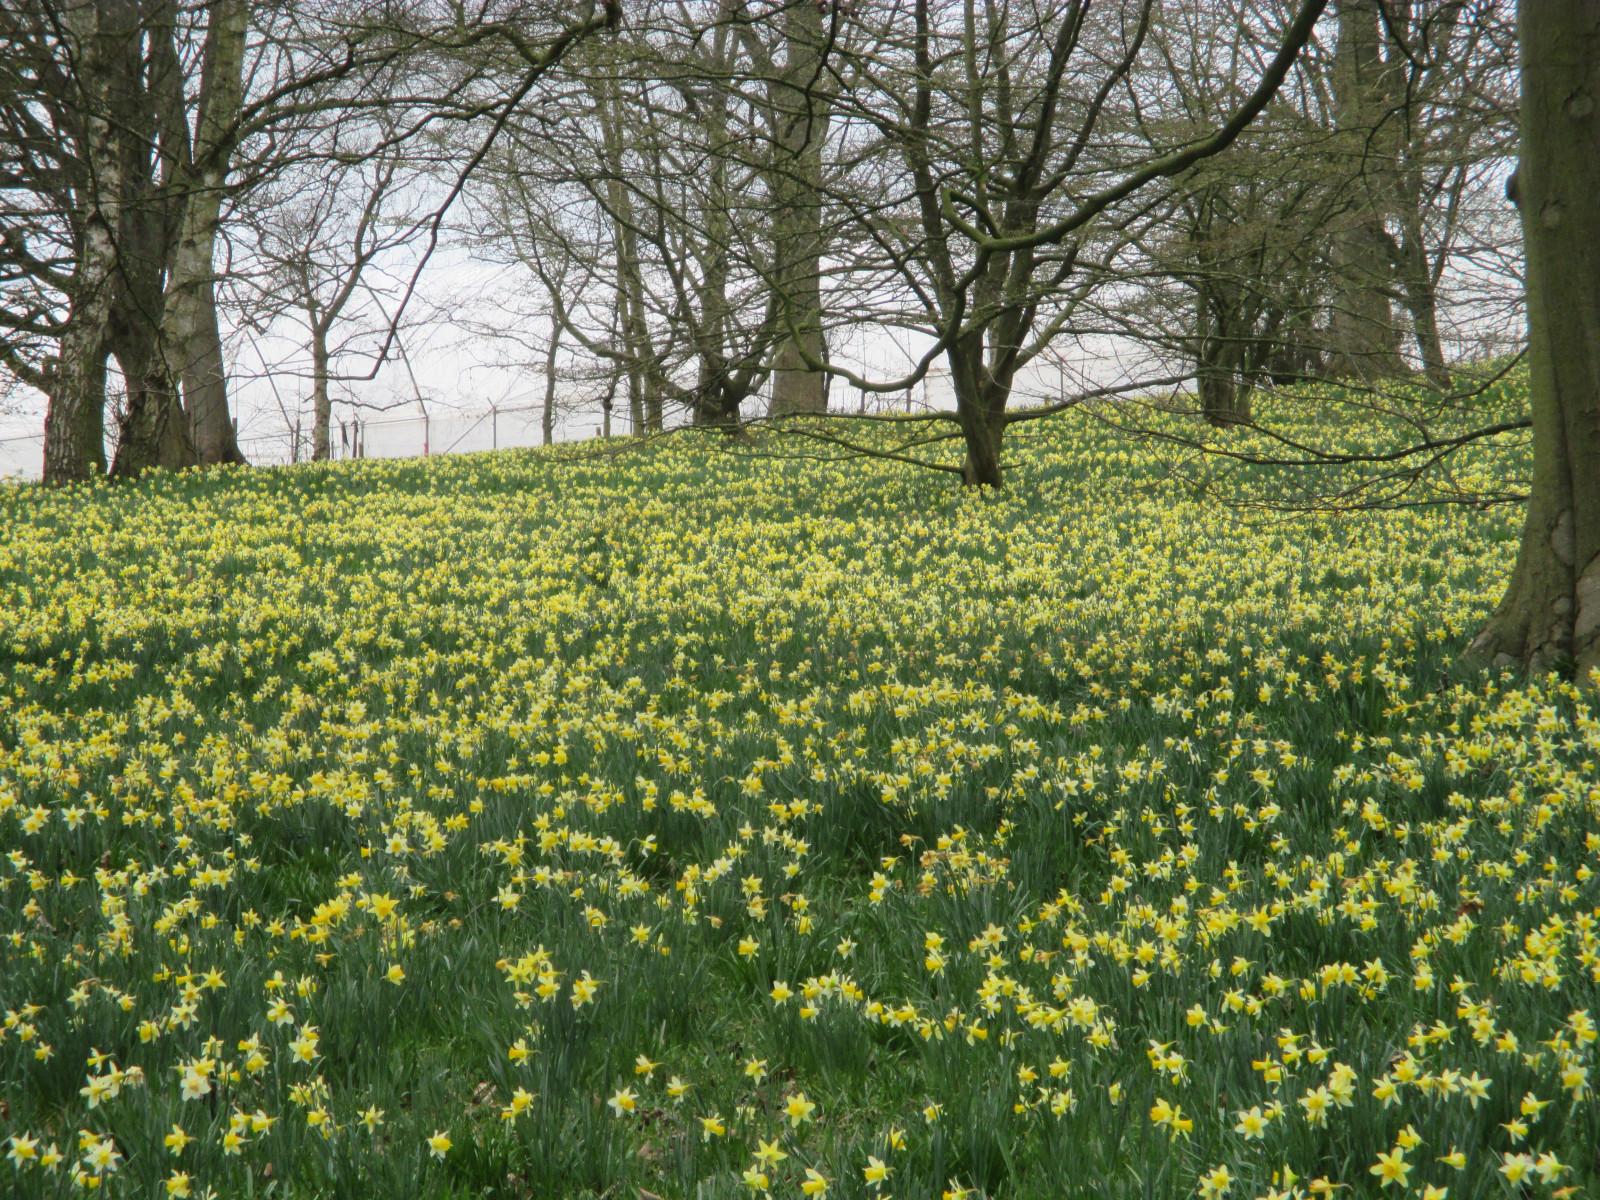 Fond d 39 cran lumi re du soleil des arbres champ jaune angleterre gloucestershire - Taille du pecher au printemps ...